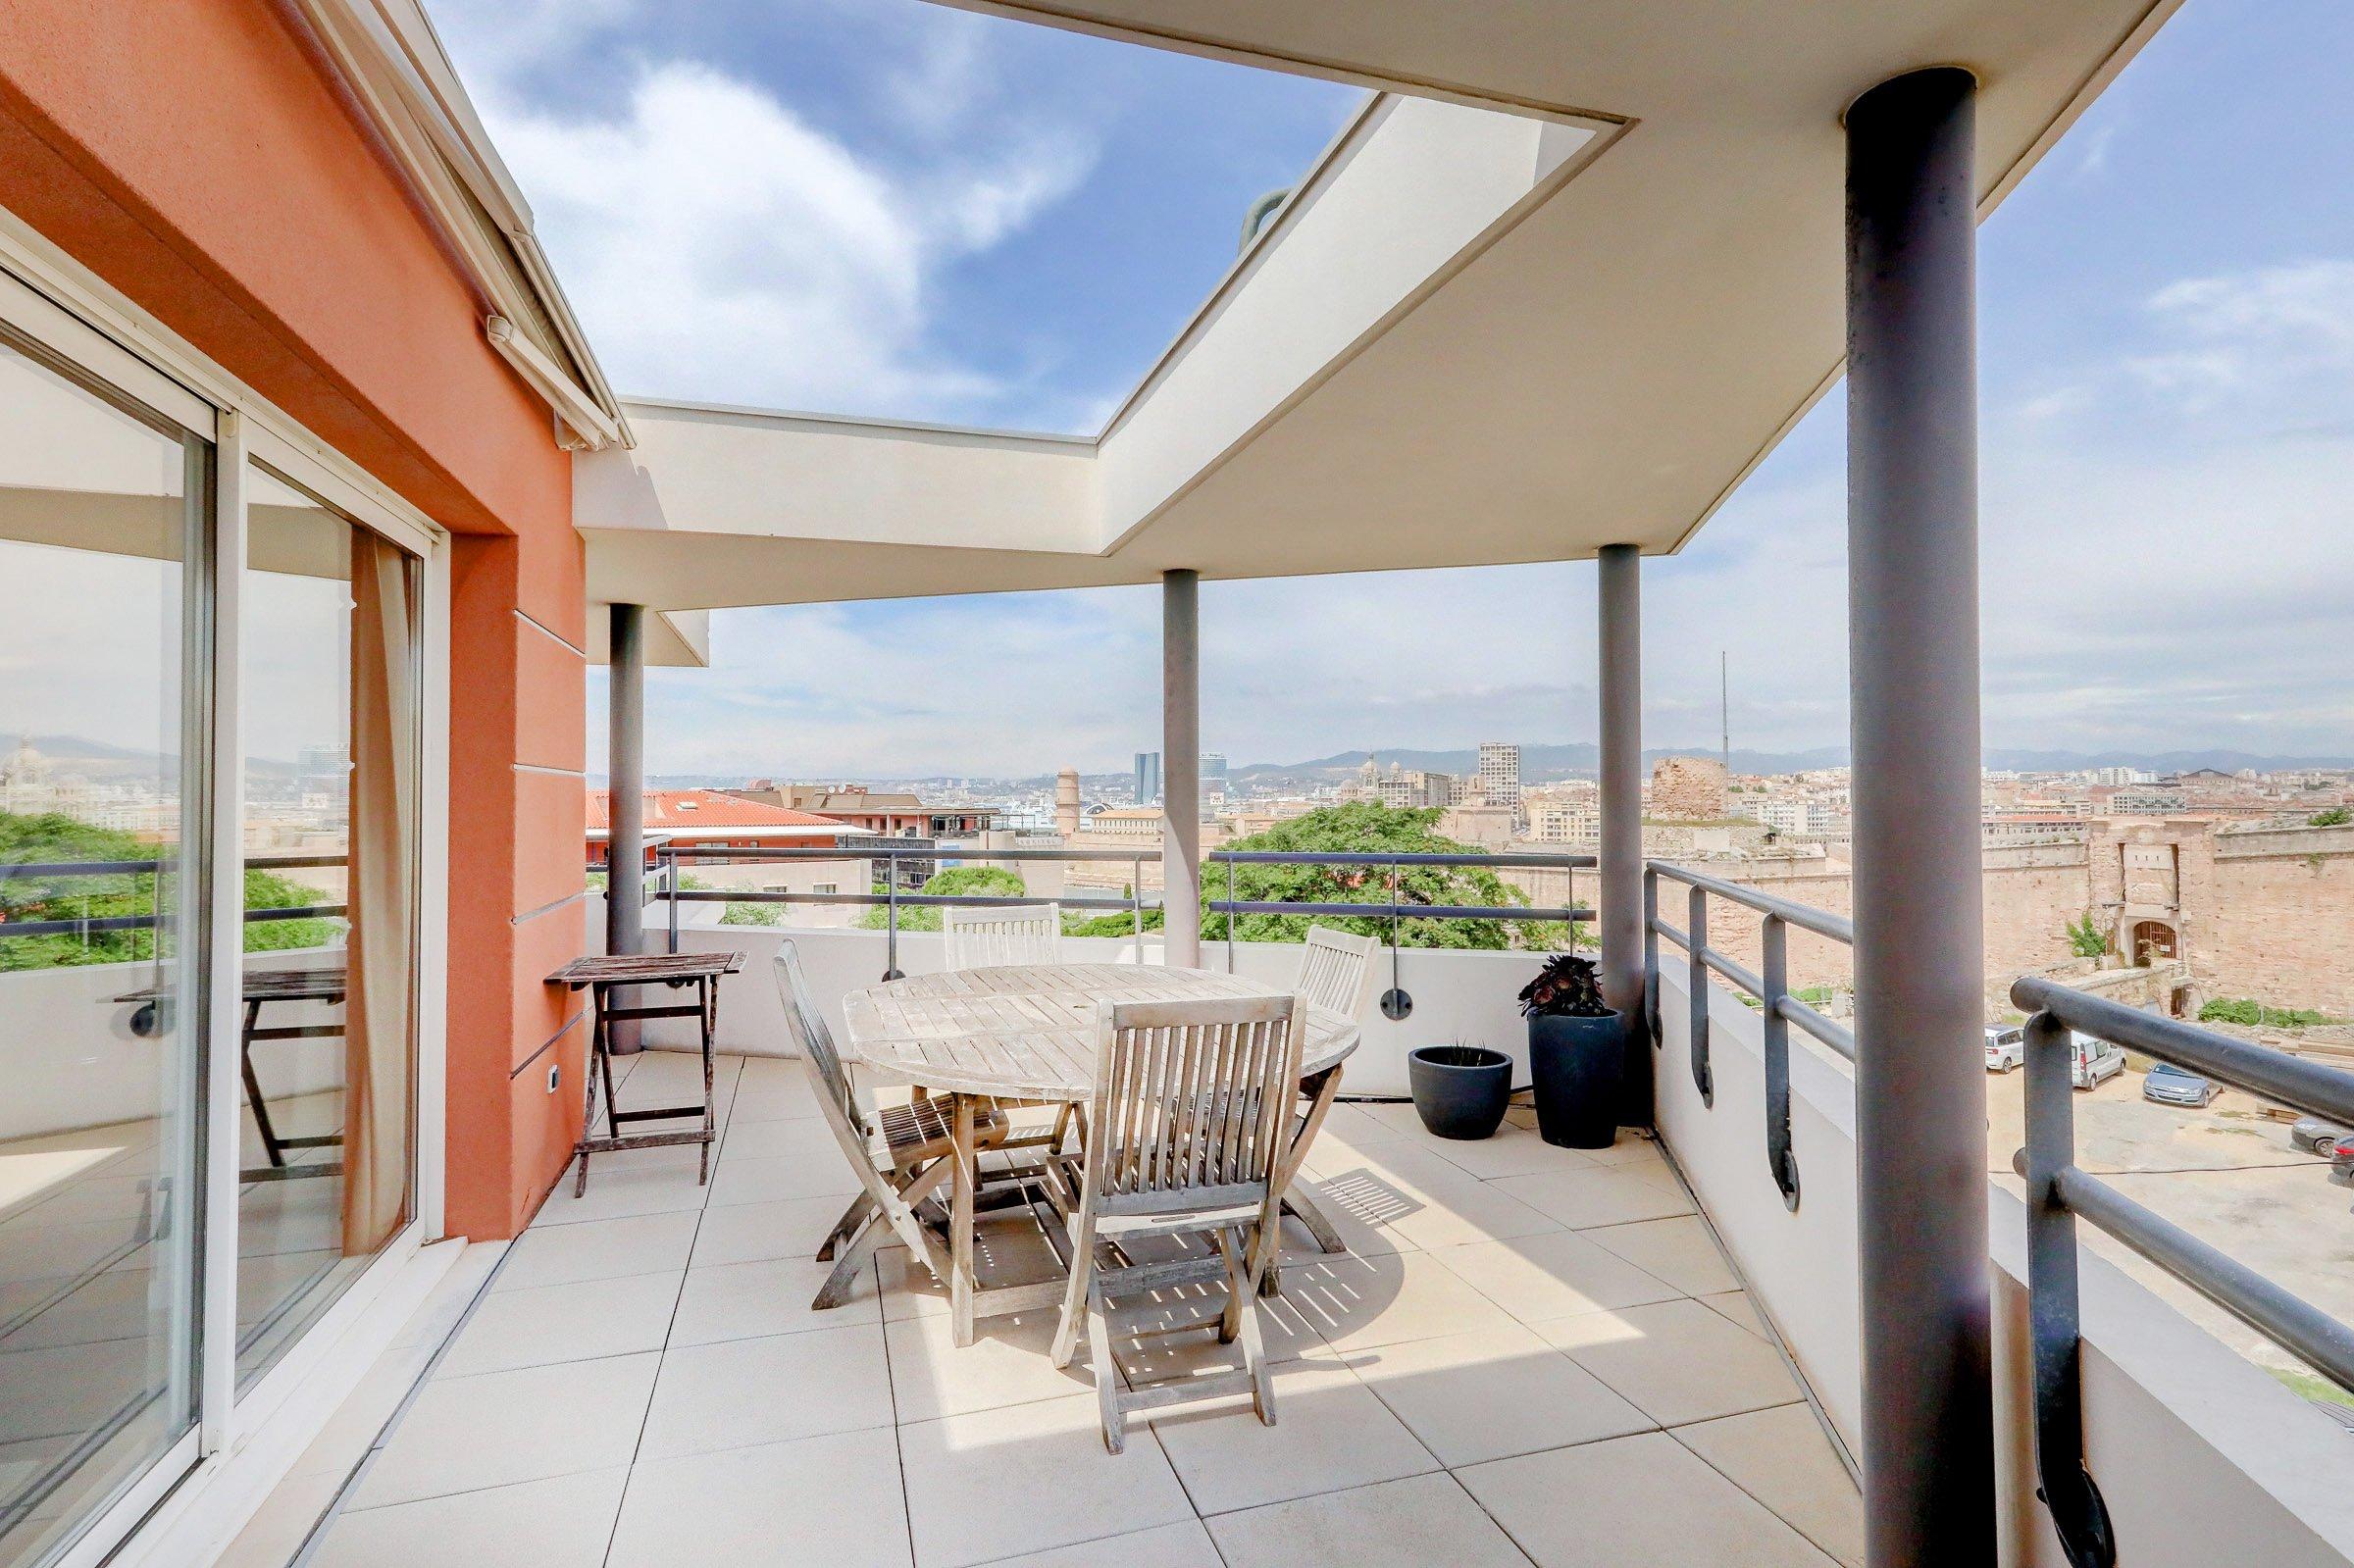 terrasse-repas-rooftop-vieuxport-pharo-vuemer-13007-est